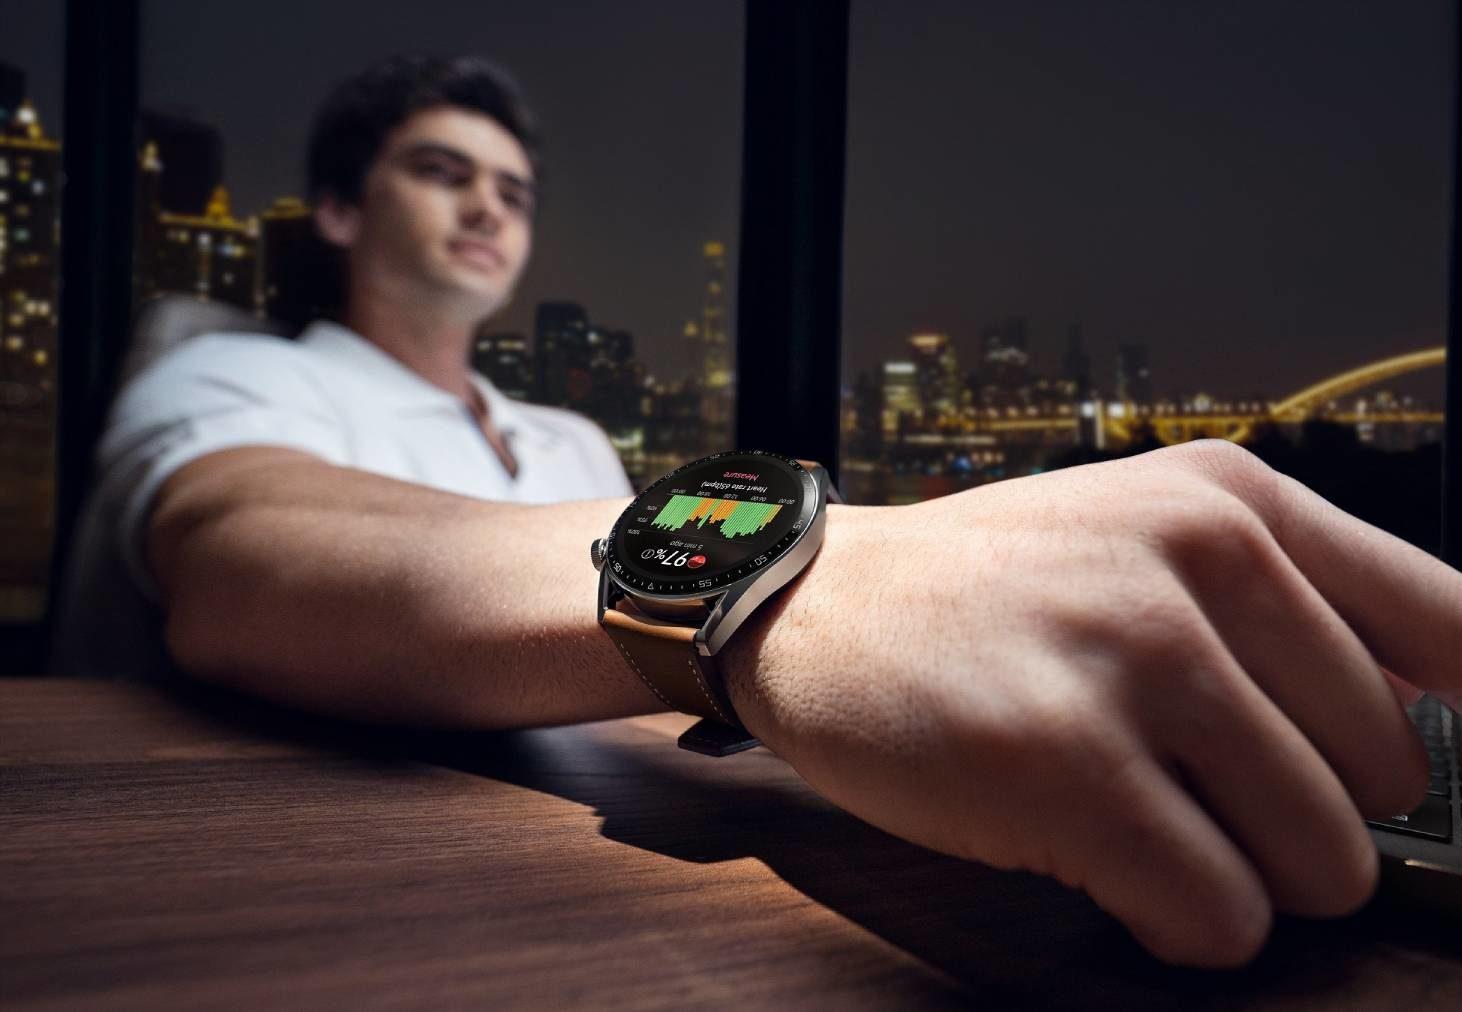 Huawei prezentuje nowy smartwatch Watch GT 3 oraz słuchawki FreeBuds Lipstick w unikalnym etui w kształcie szminki